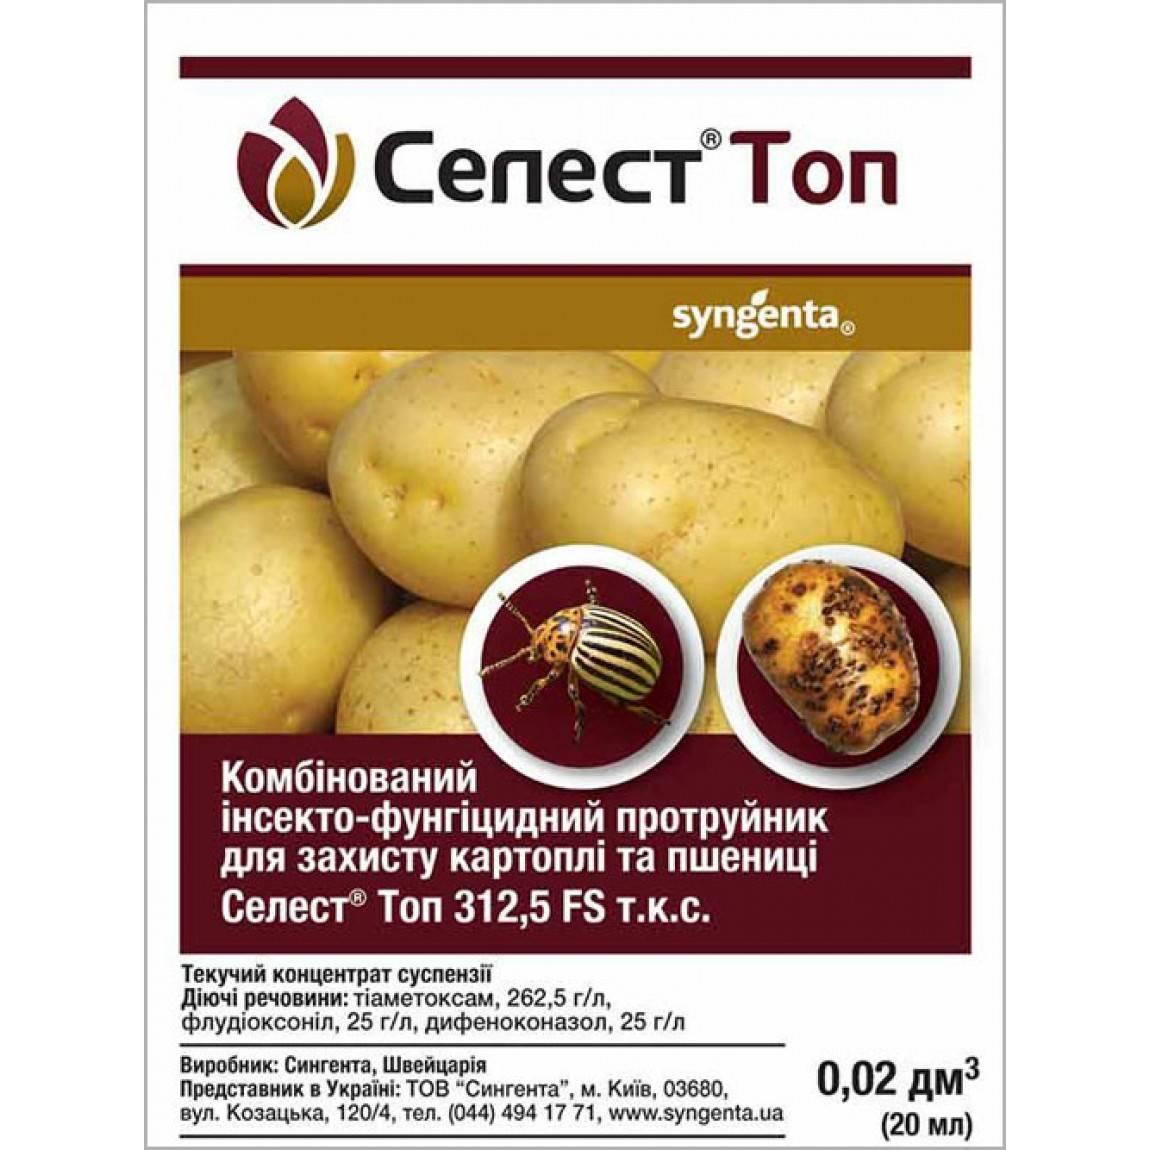 Протравитель семян селест топ зерновых культур и картофеля по цене 3 100 руб./л. в уфе